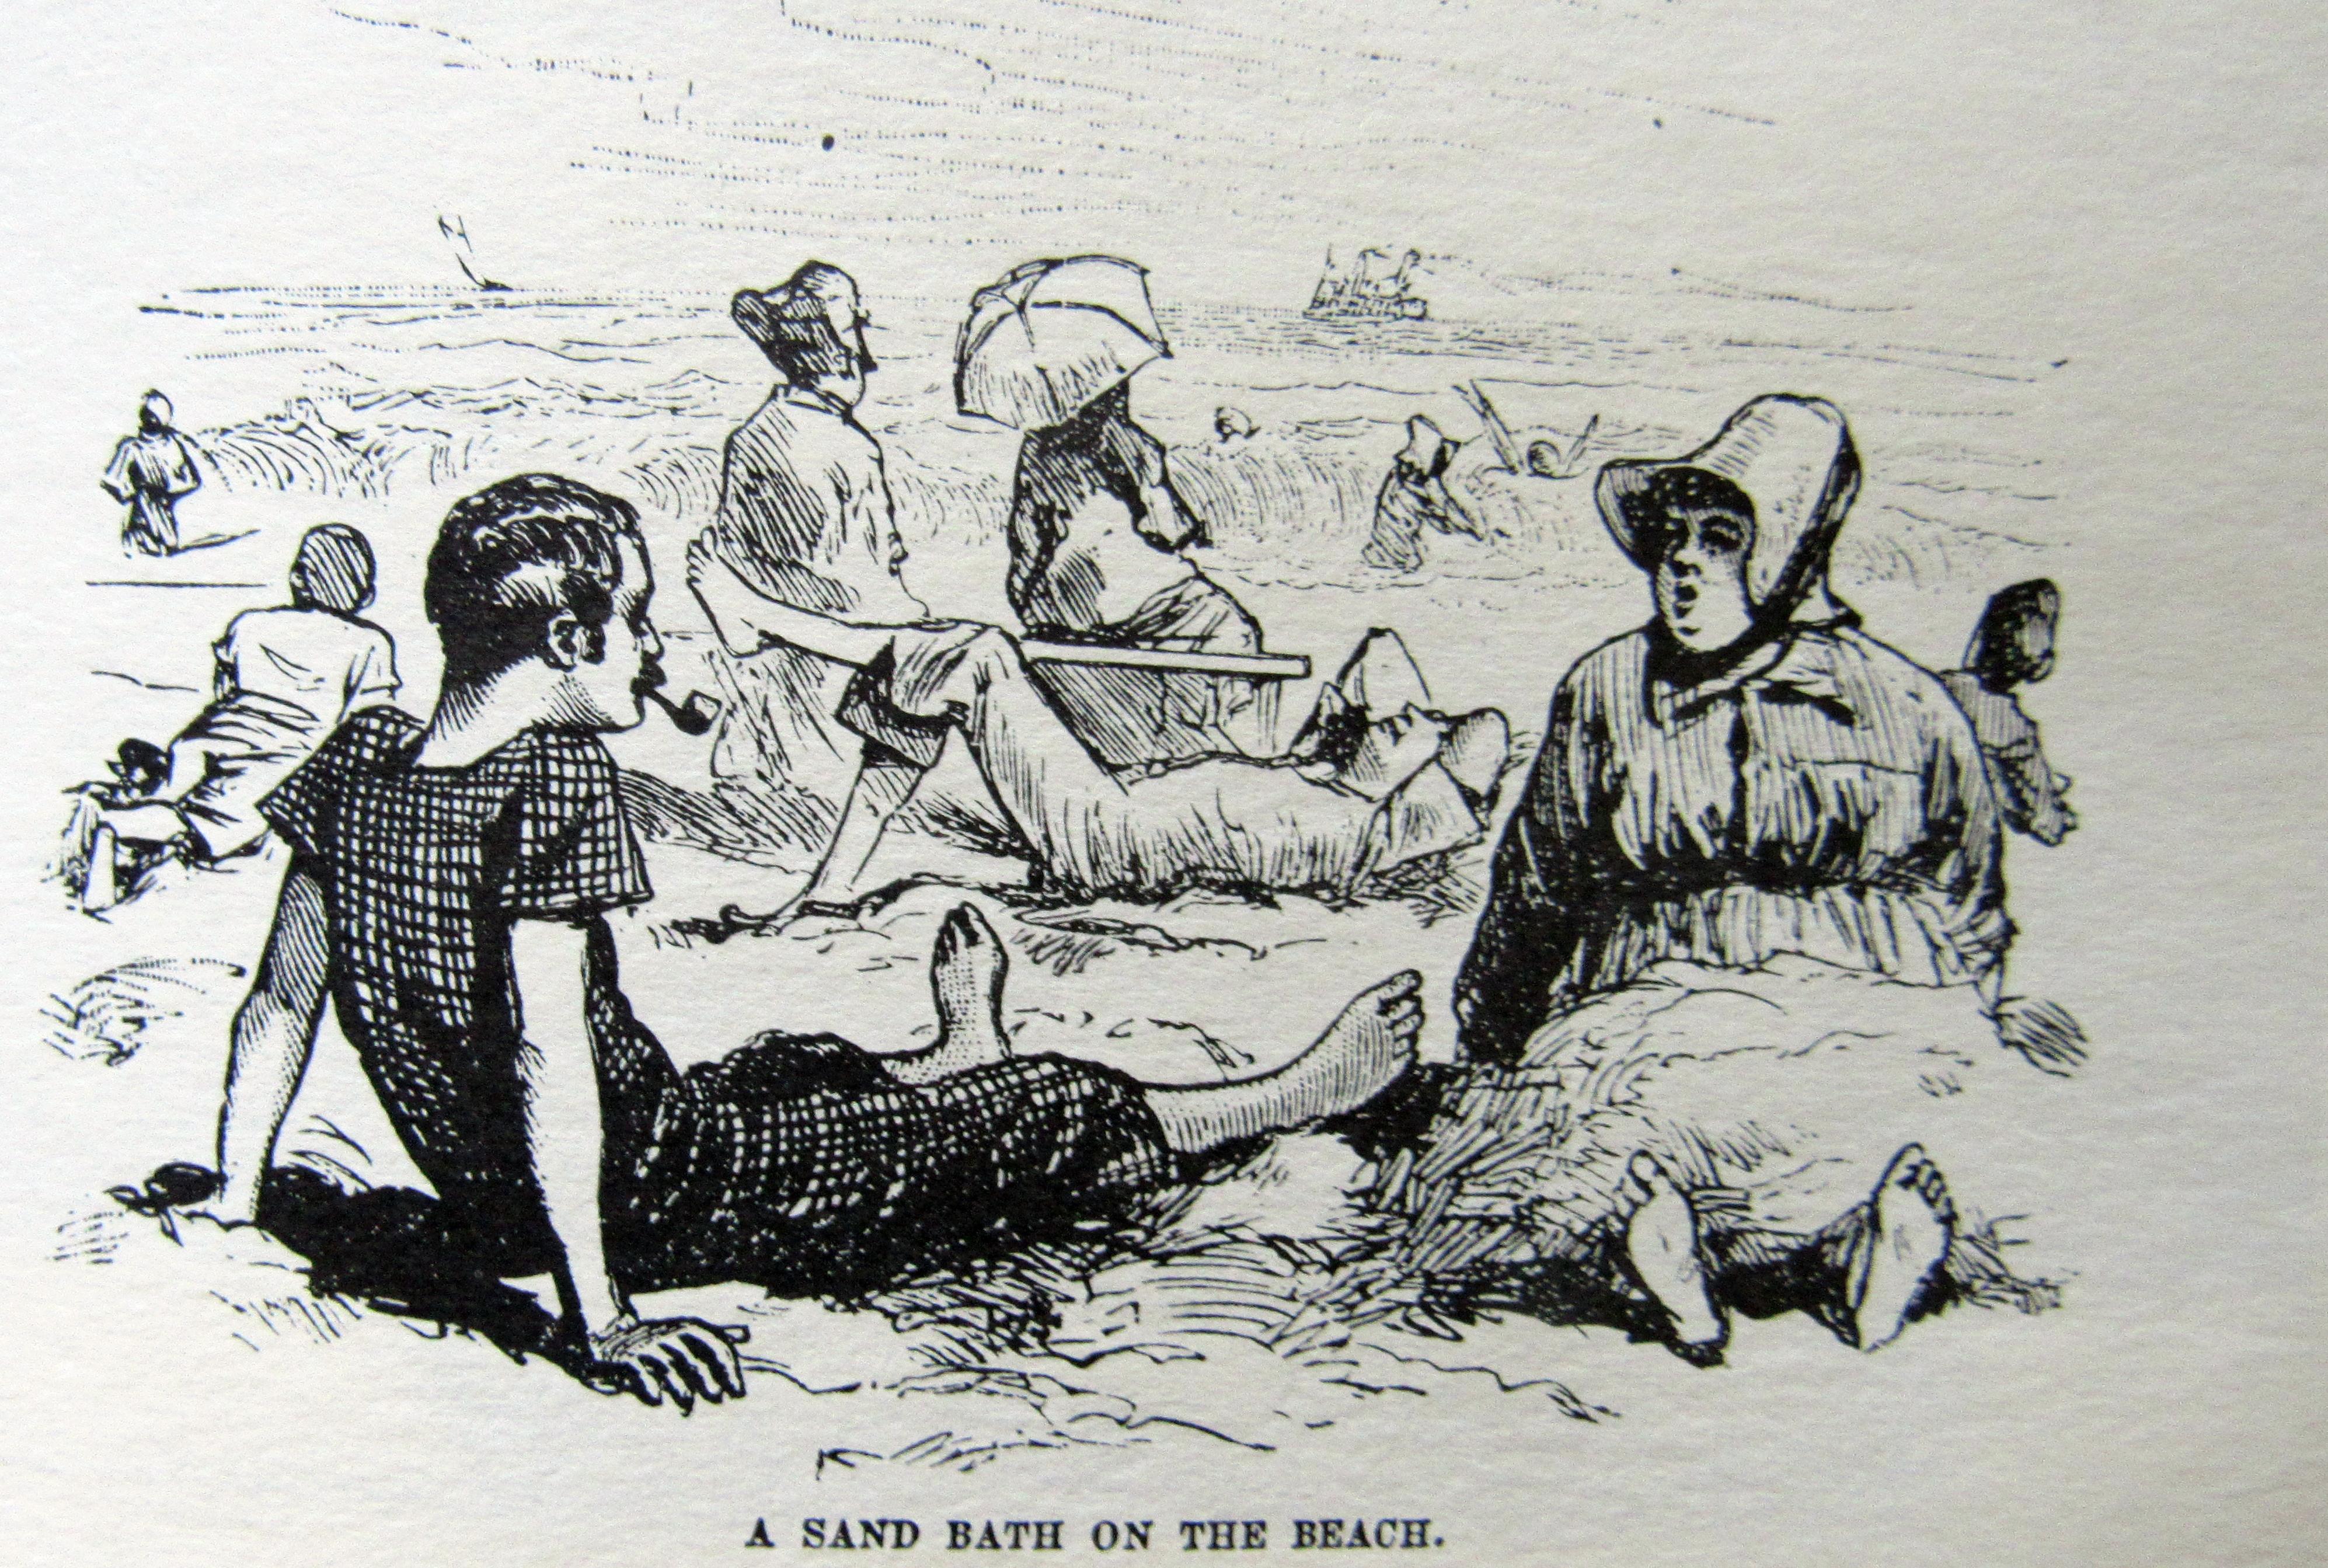 A Sand bath on the beach